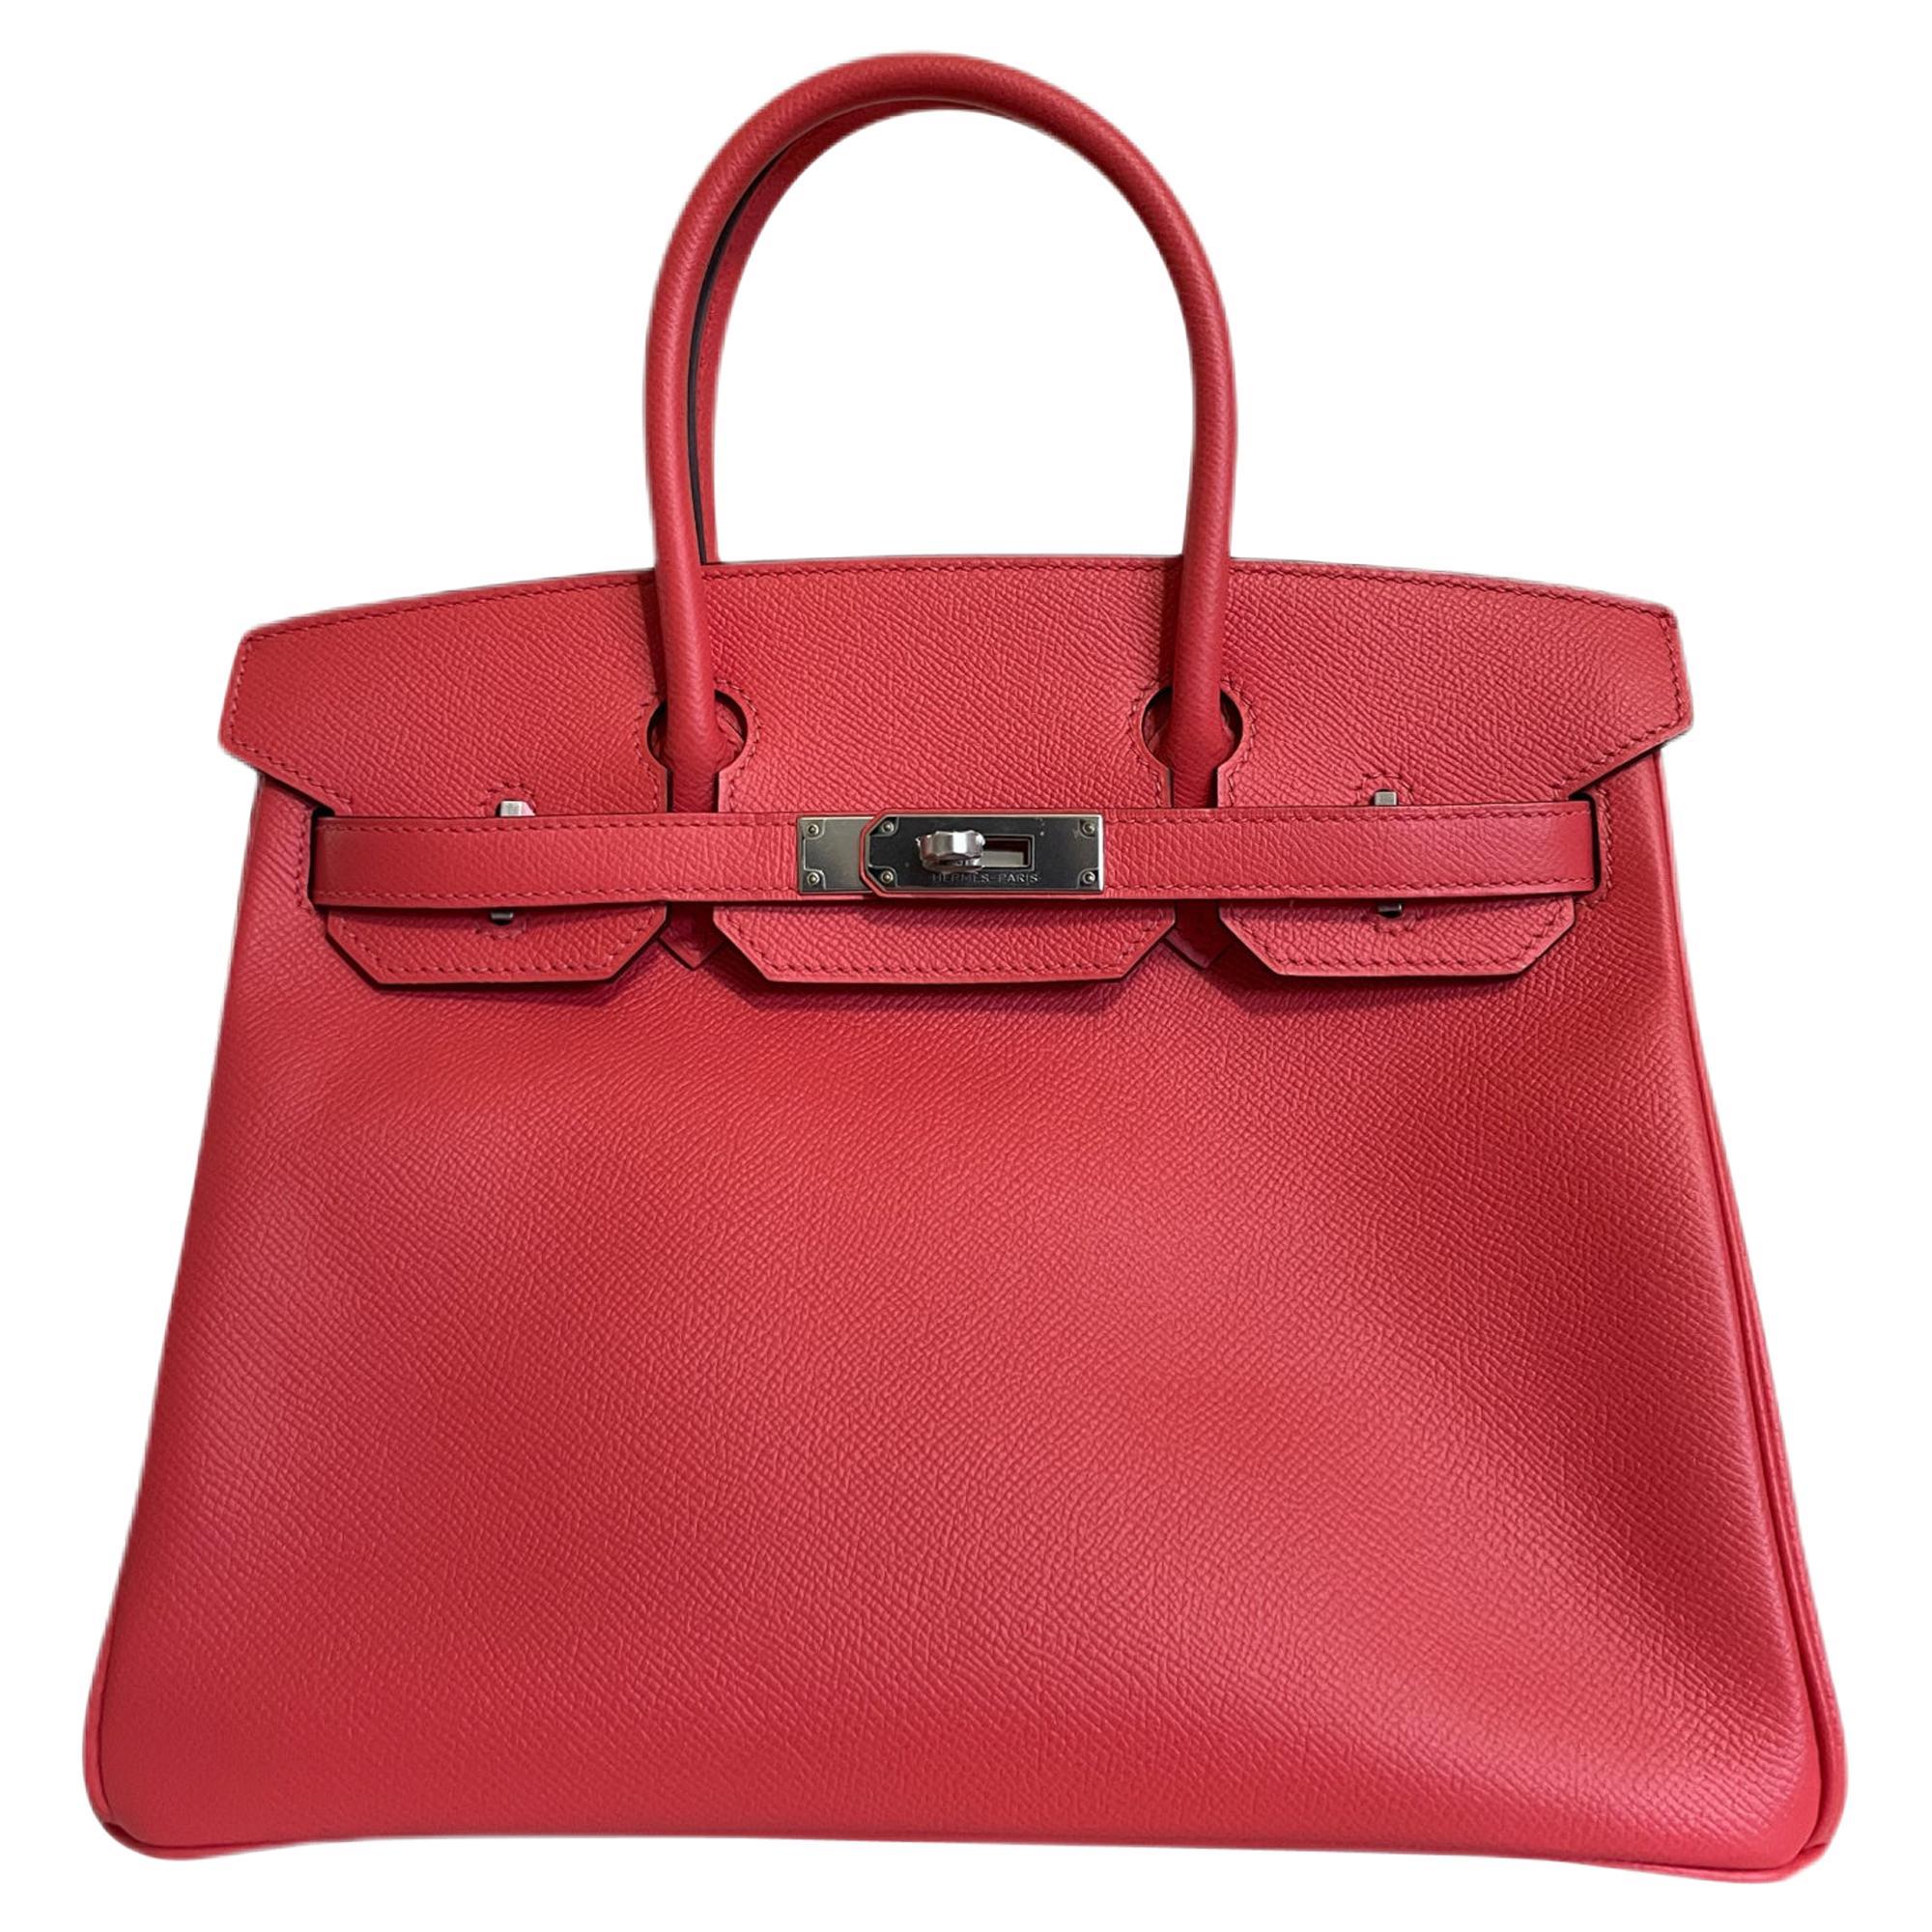 Hermès Rose Red 30 cm Epsom Birkin Bag